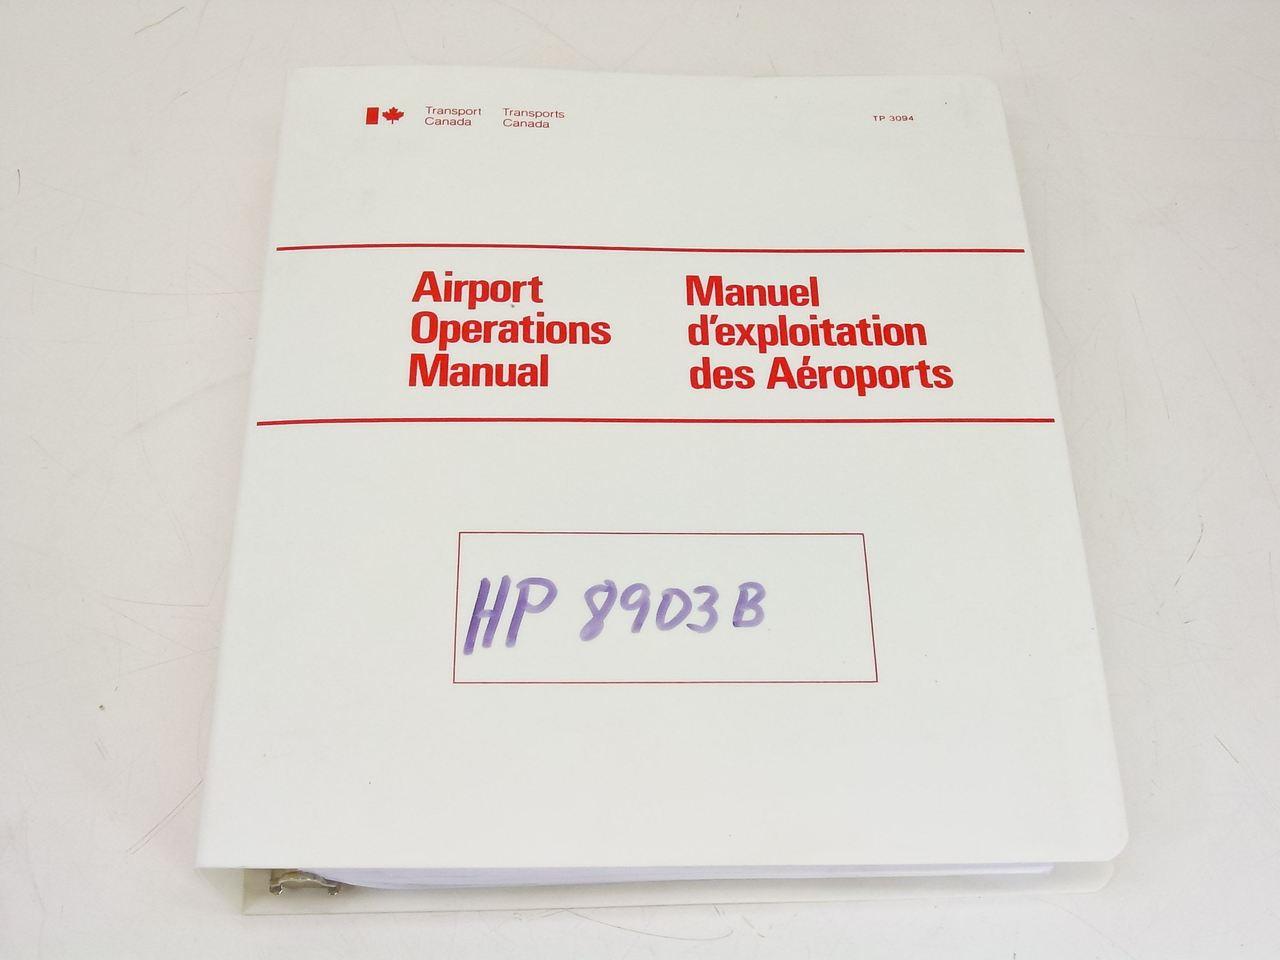 8903b manual